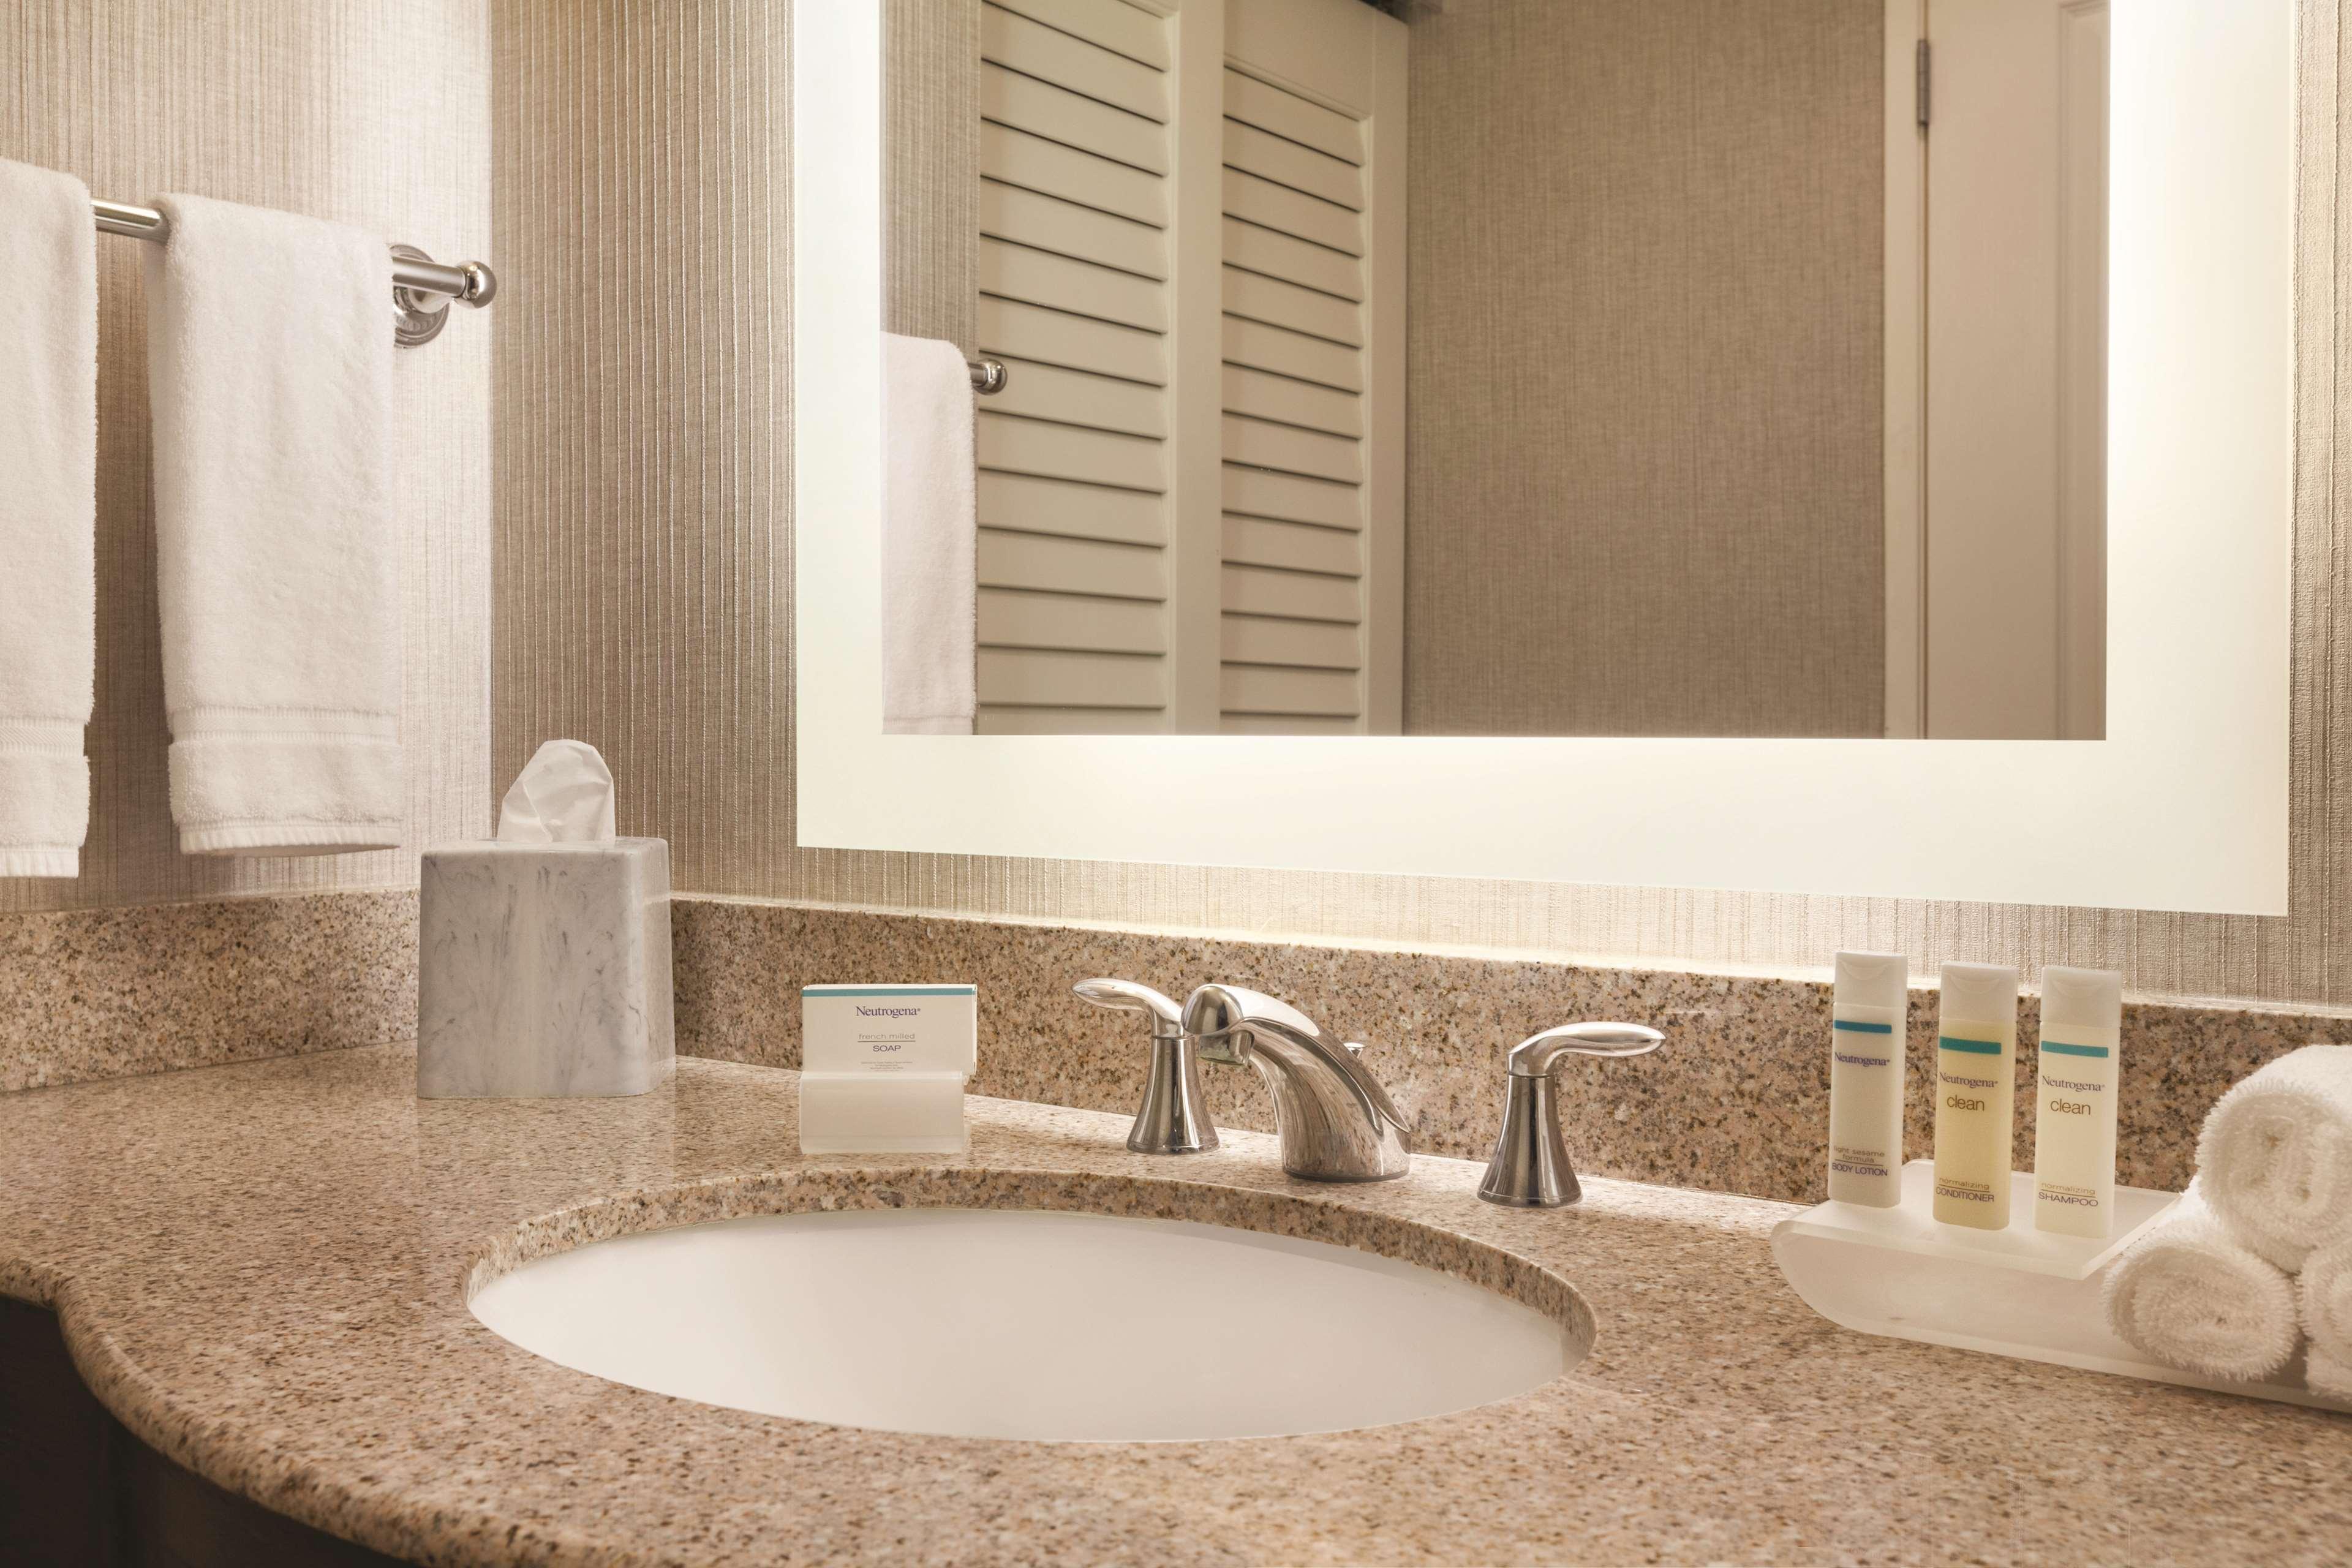 Homewood Suites by Hilton La Quinta image 24